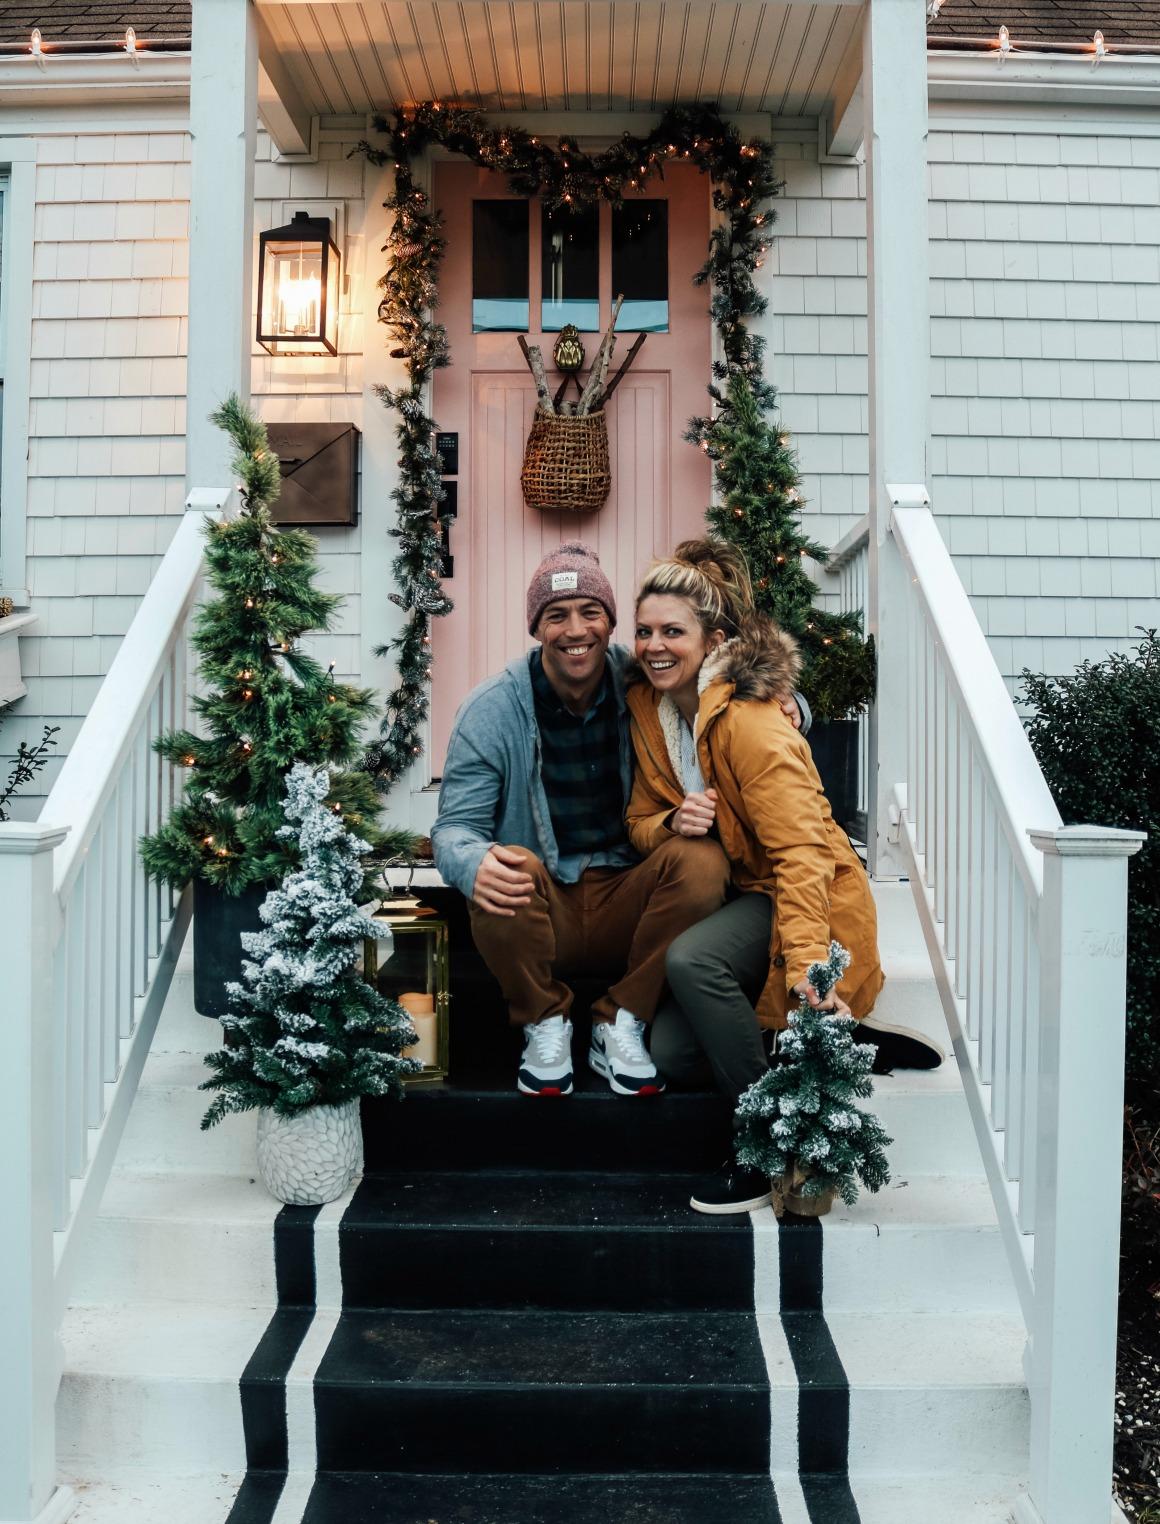 Christmas Front Porch Christmas Decor Outside Christmas Lights